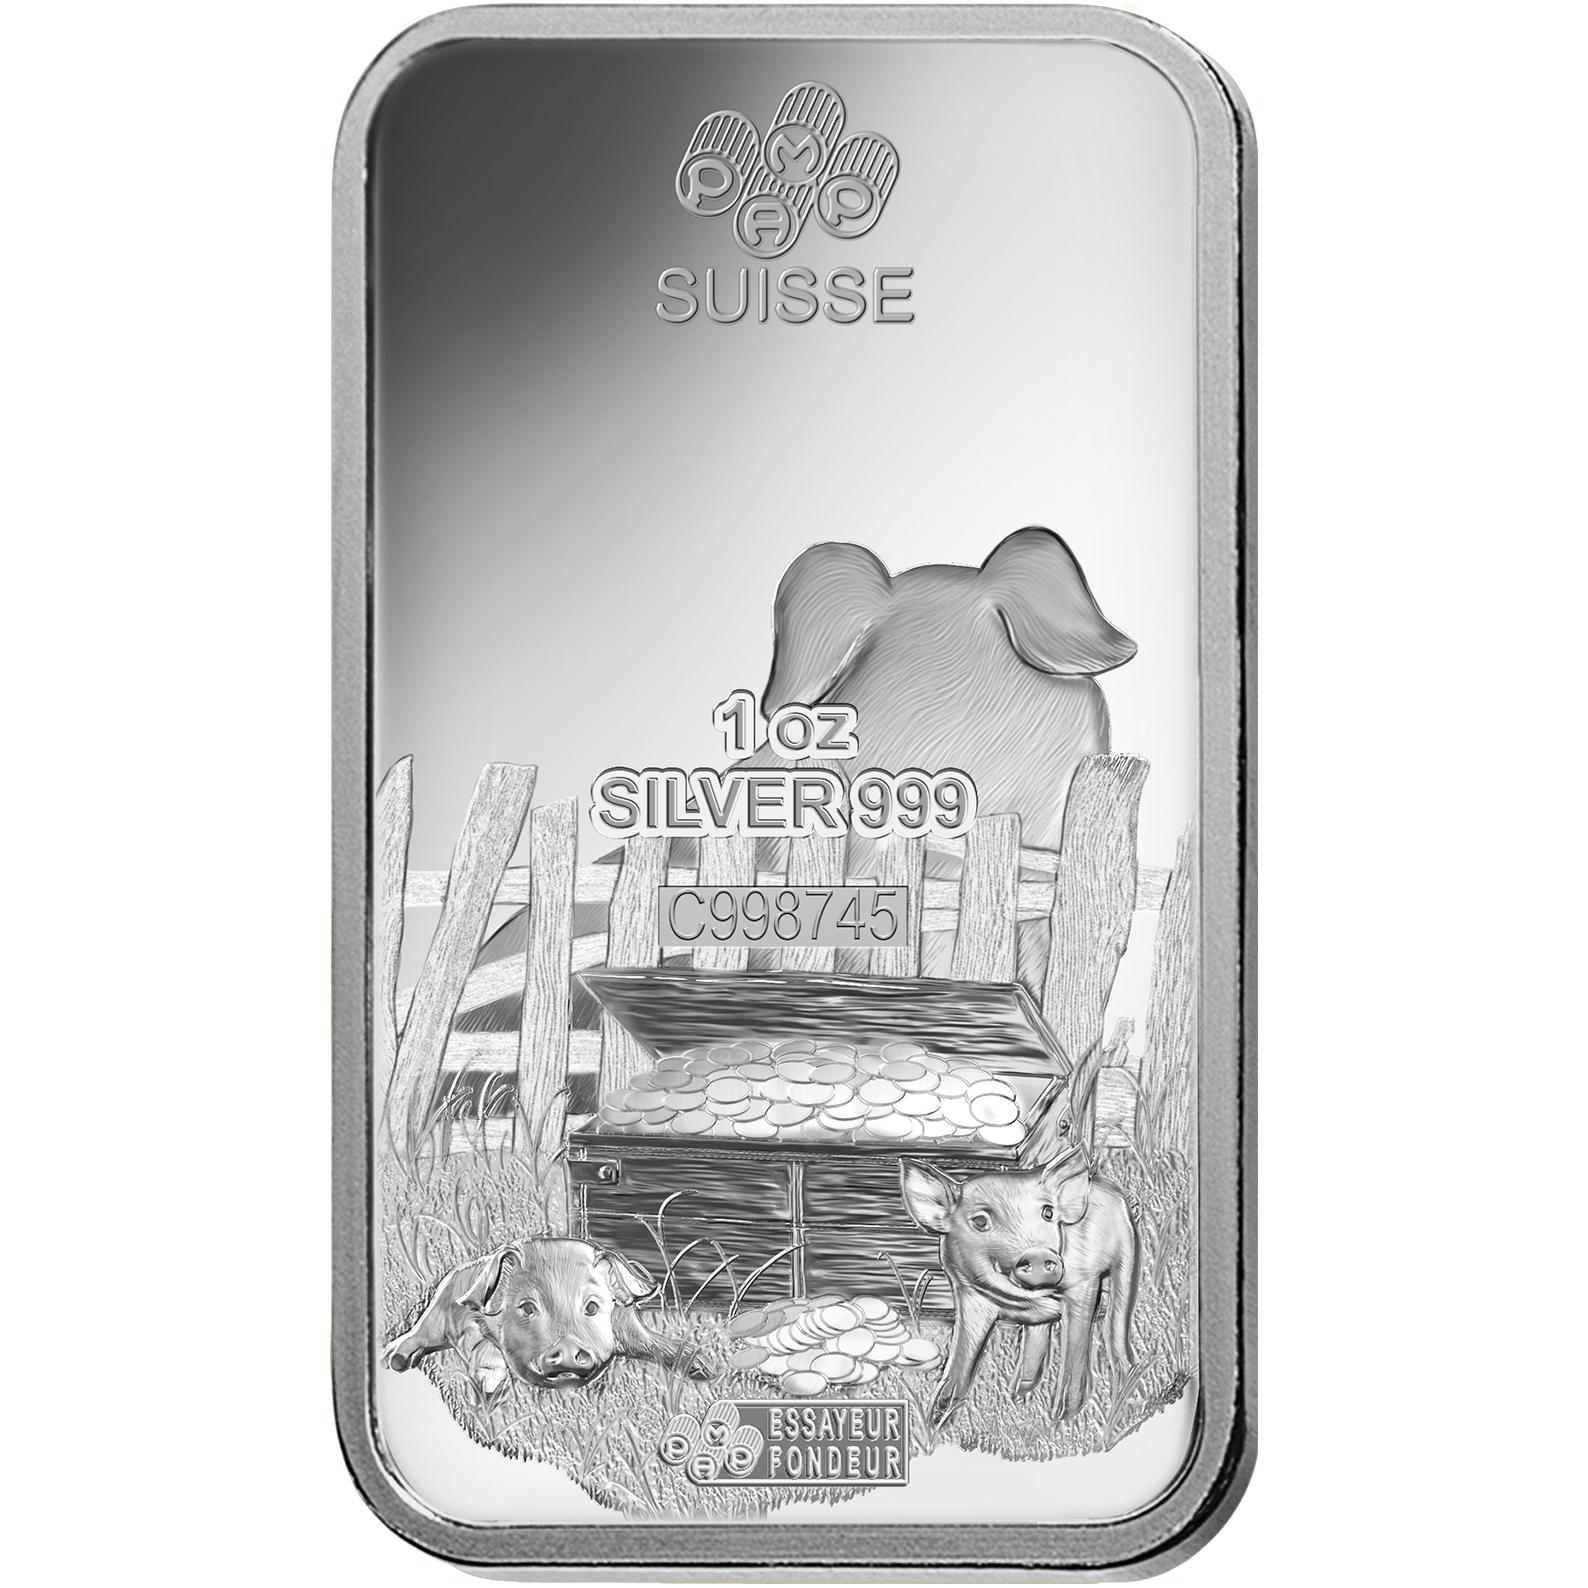 1 oncia lingottino d'argento puro 999.0 - PAMP Suisse Maiale Lunare